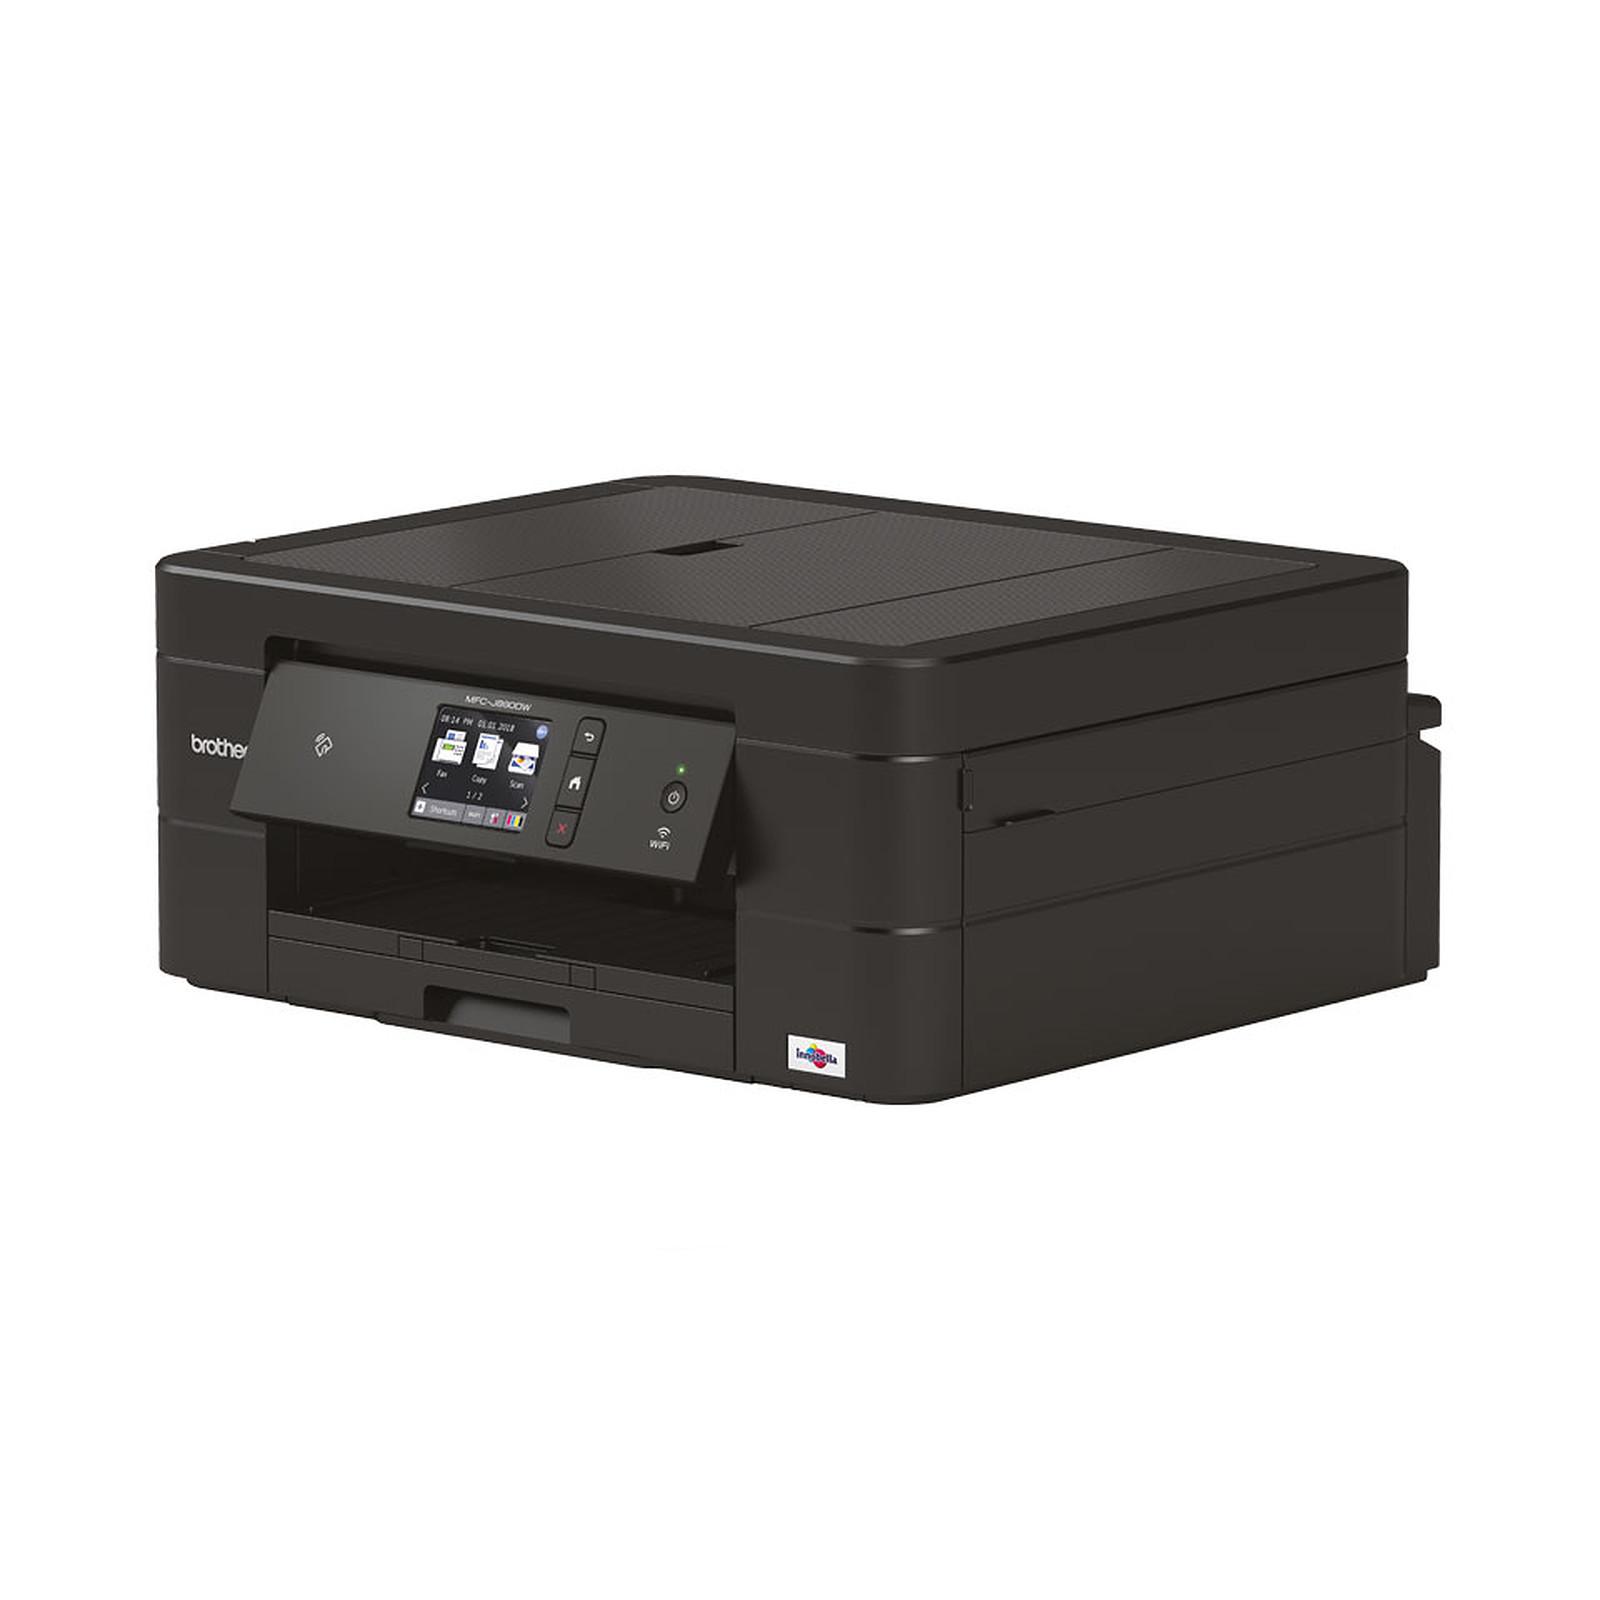 Imprimante multifonction Brother MFC-J890DW - Cybertek.fr - 2